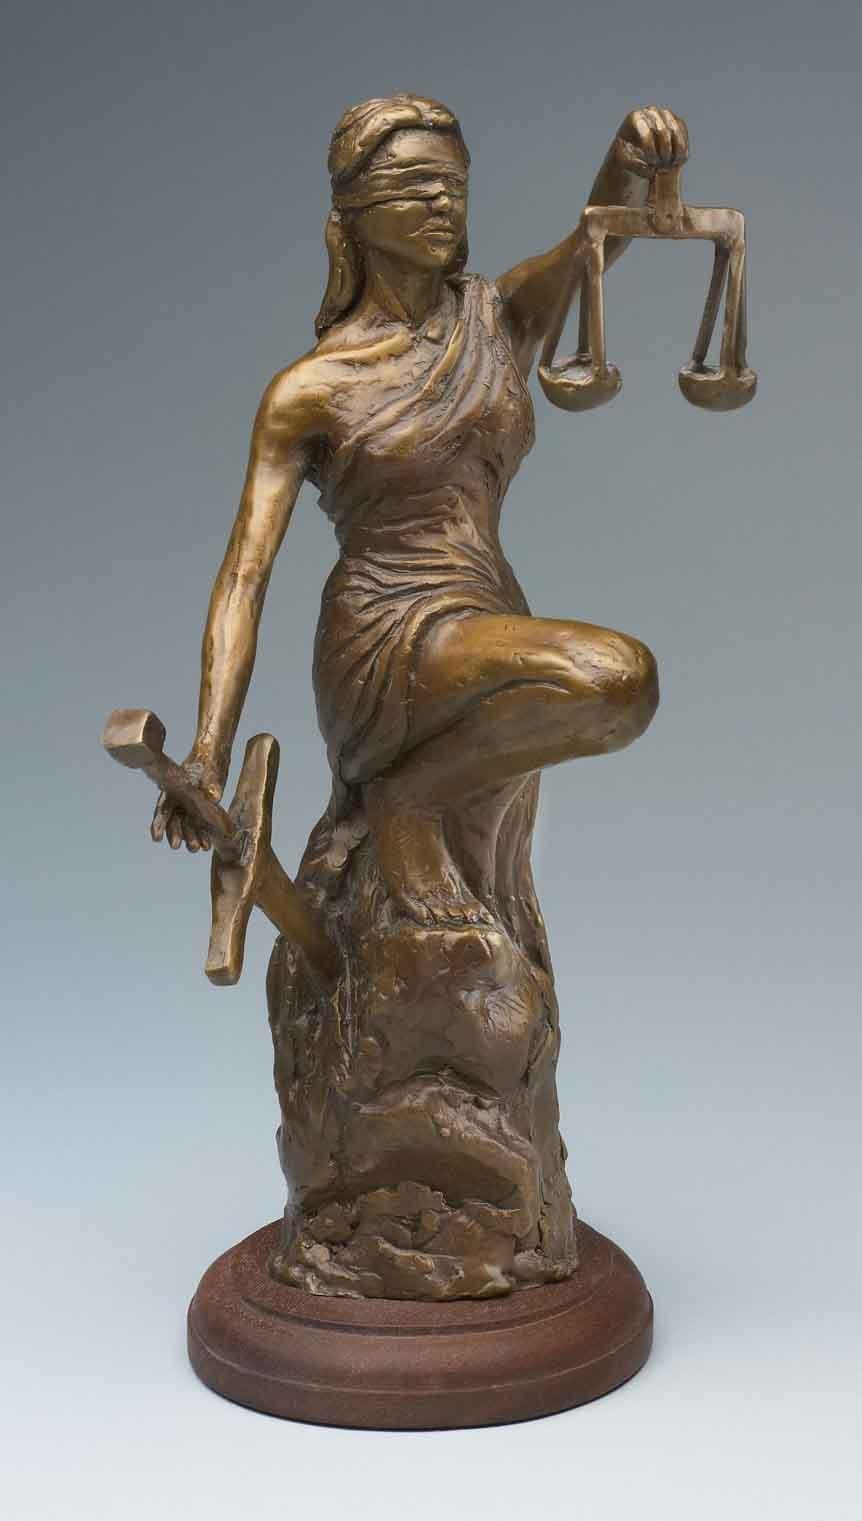 Monumental 19th Century Signed Original Bronze Sculpture